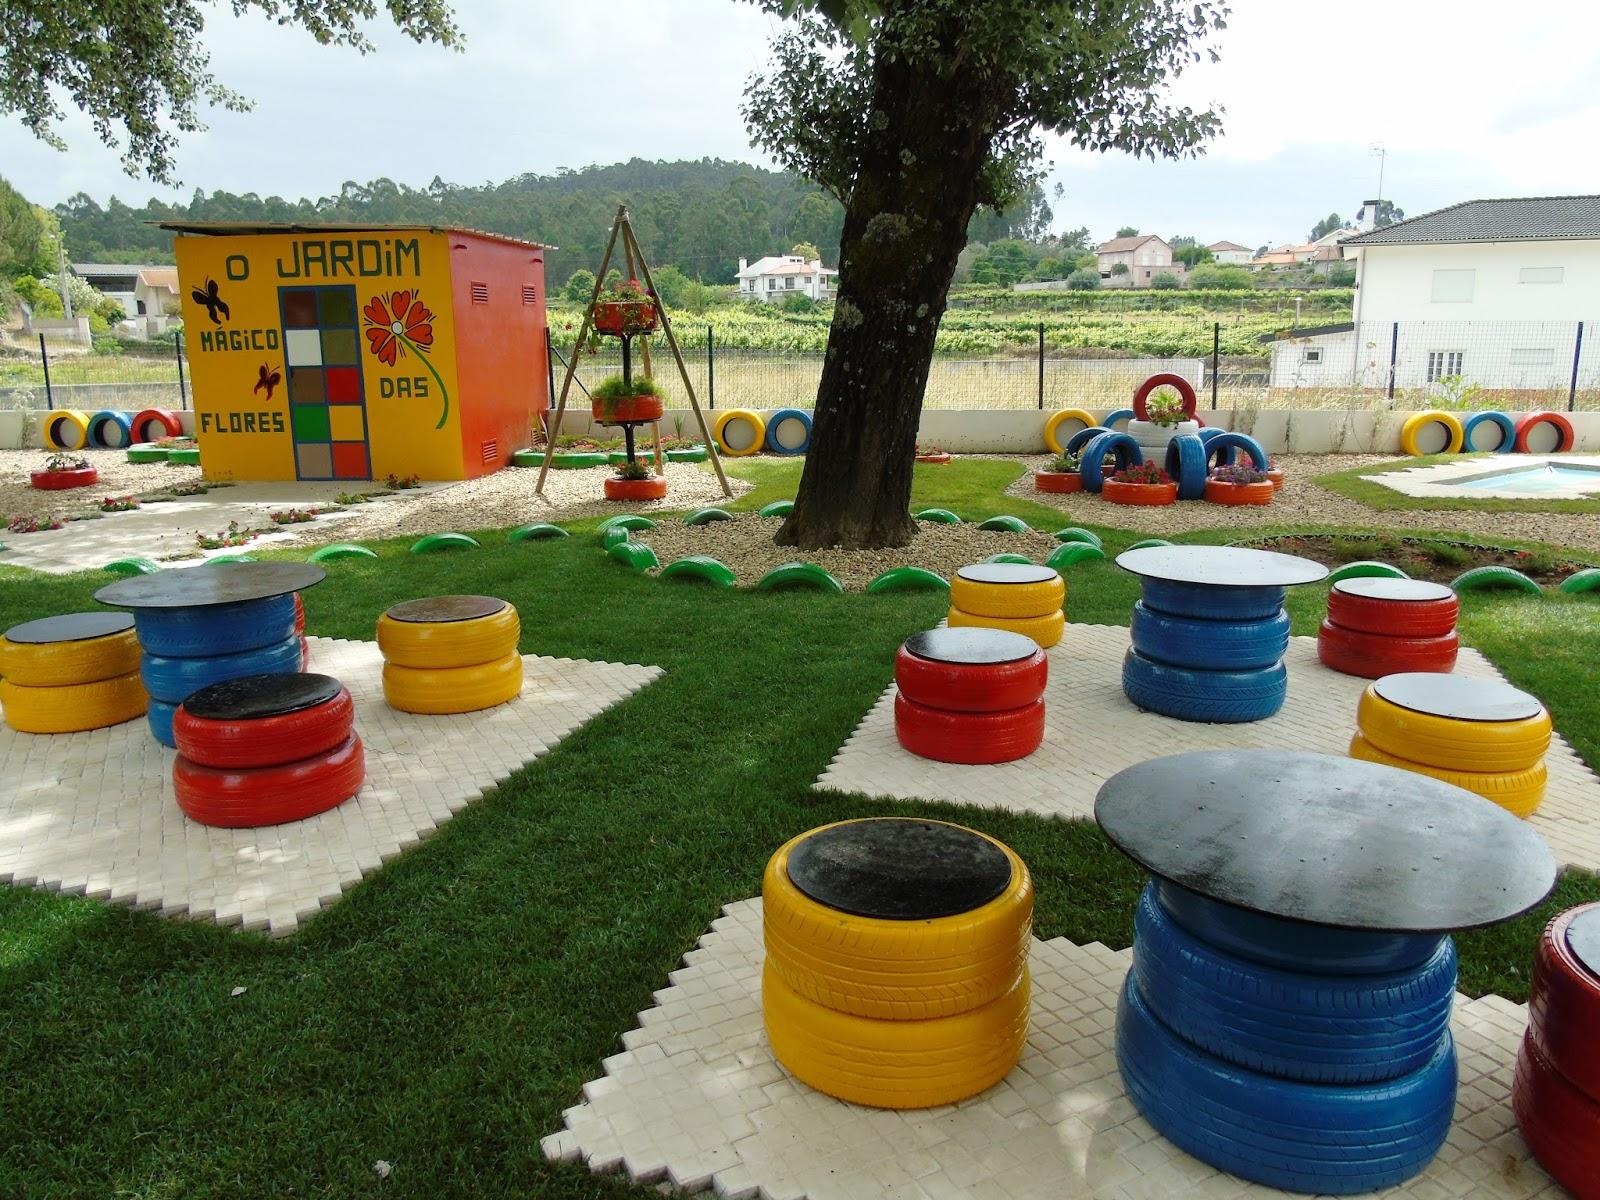 horta e jardim em pneus : horta e jardim em pneus: móveis de jardim construídos pelas crianças a partir de pneus